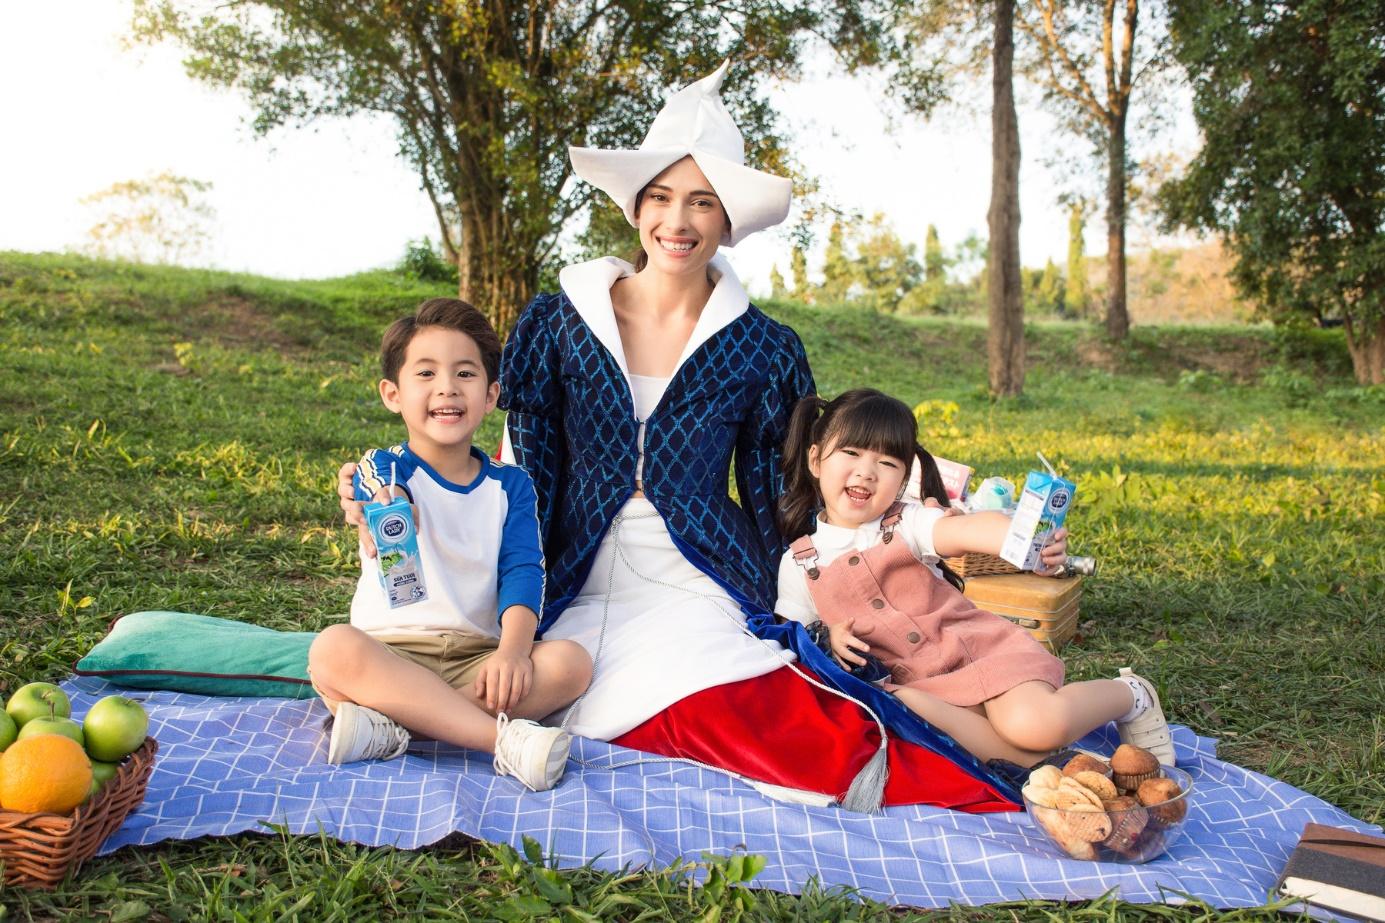 Sữa Cô Gái Hà Lan đầu tư là 55 tỷ đồng vào giáo dục và xây dựng nền tảng dinh dưỡng, thể chất học sinh - Ảnh 2.